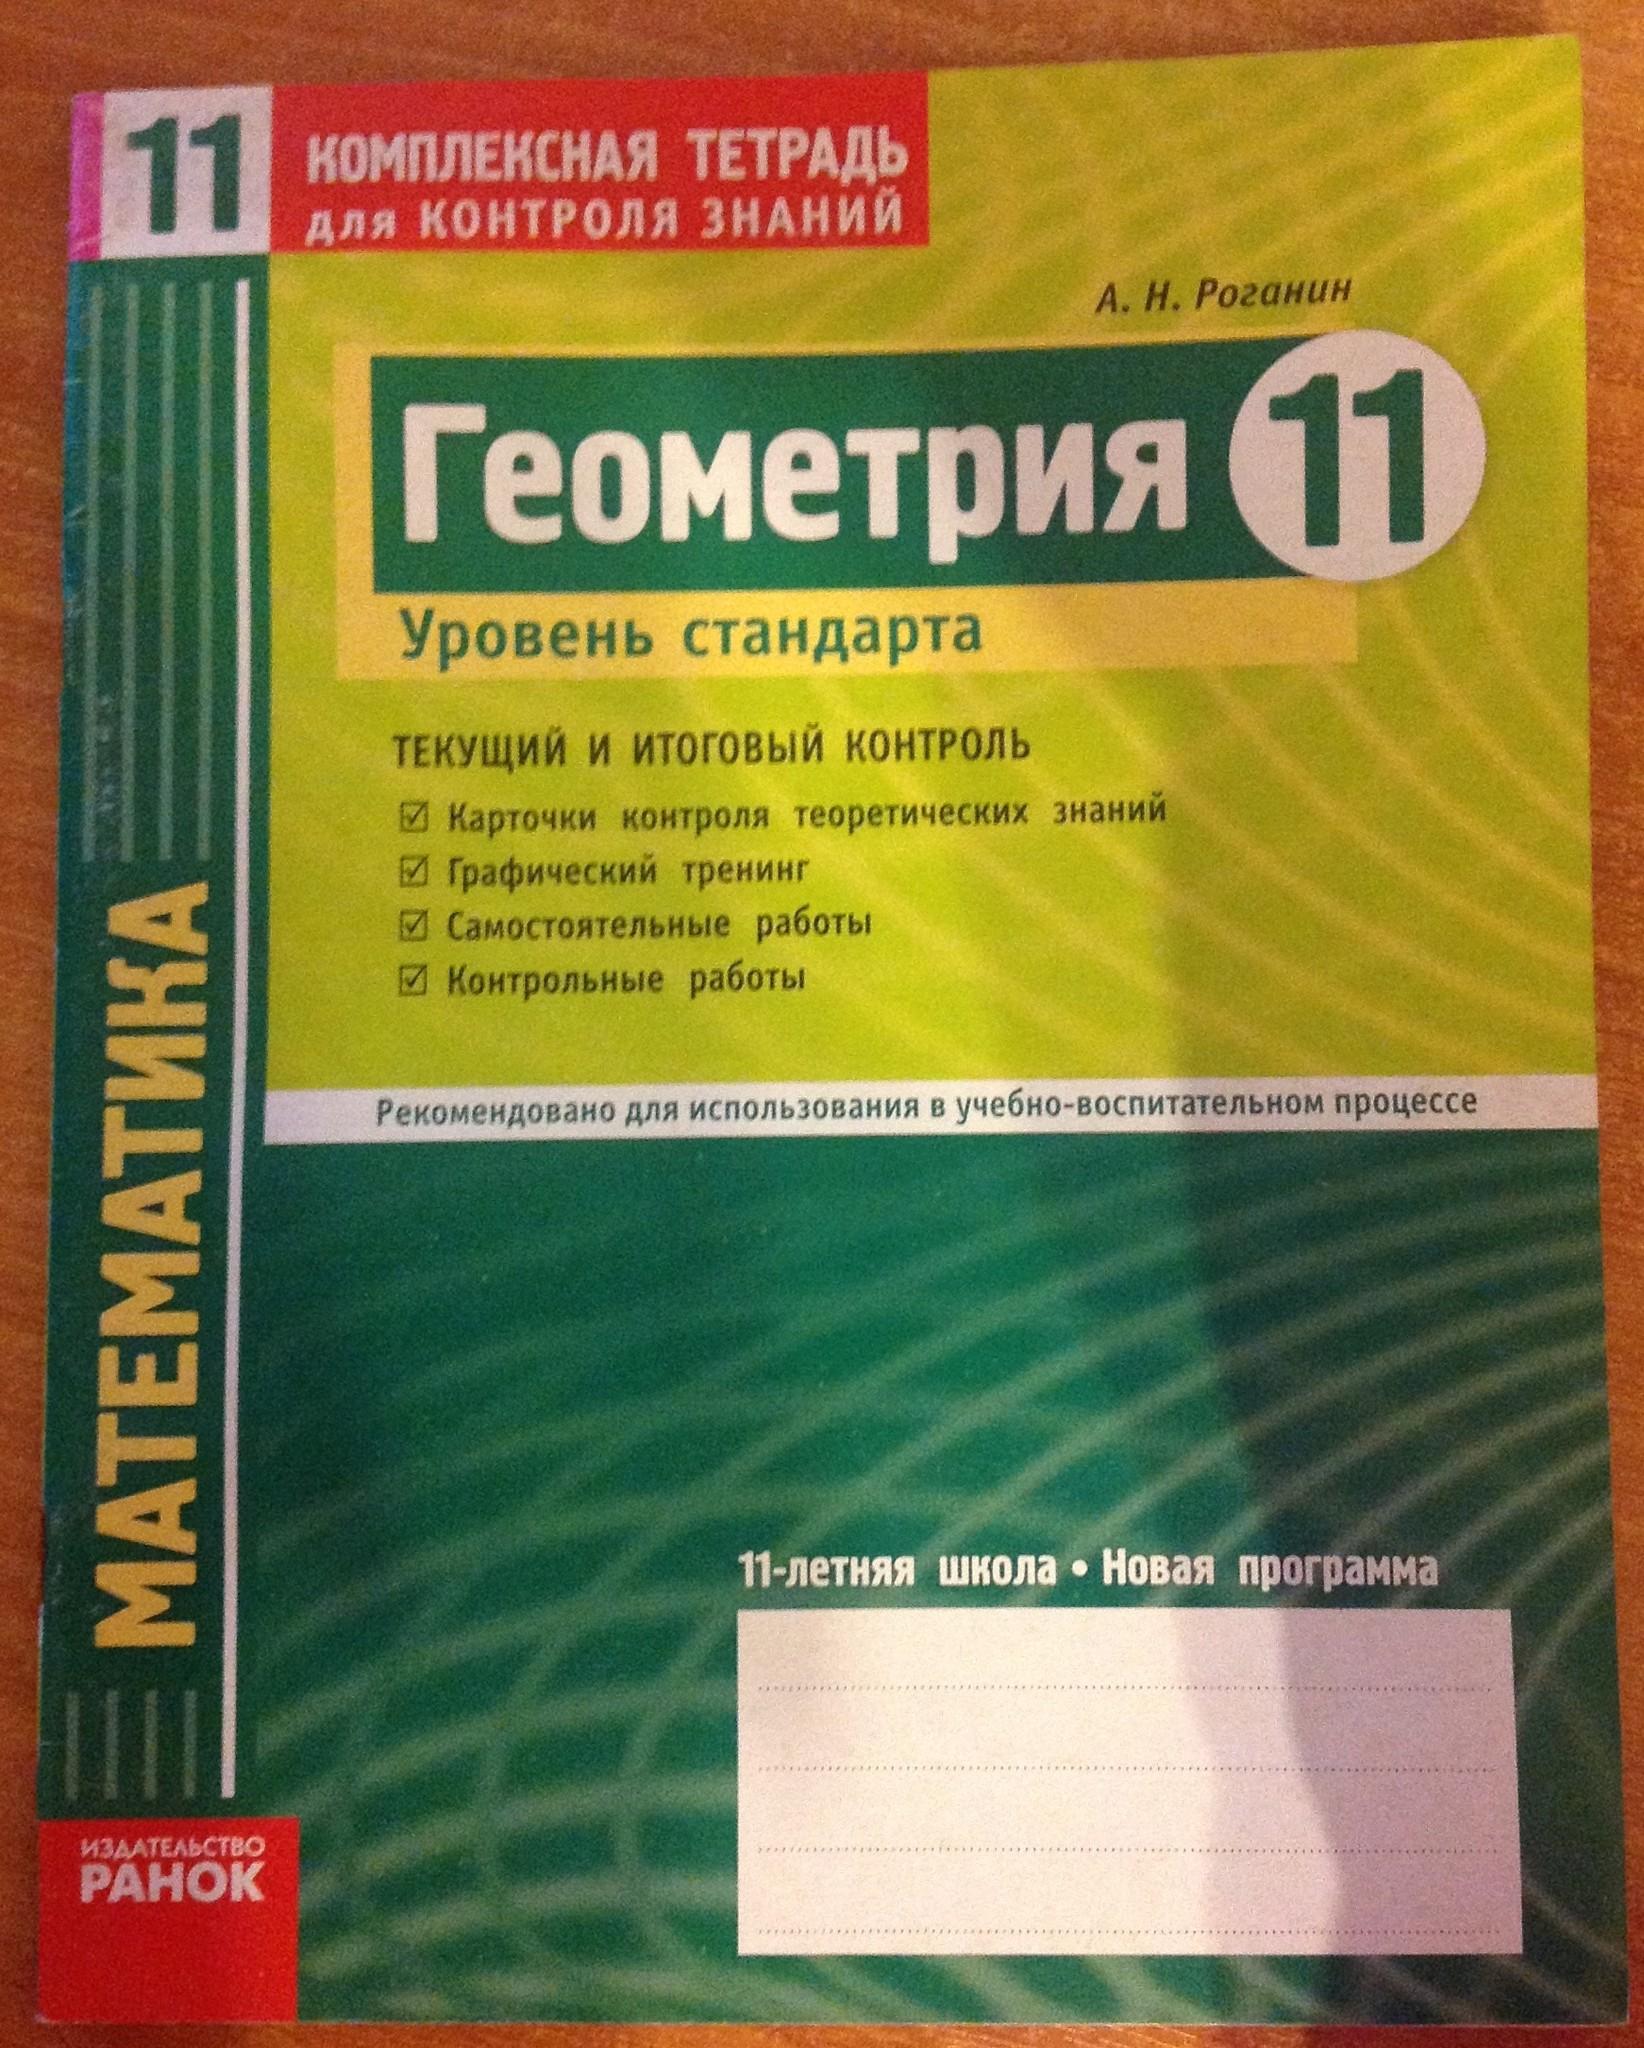 Решебник Для Контрольных Работ По Алгебре 9 Класс Стадник Роганин